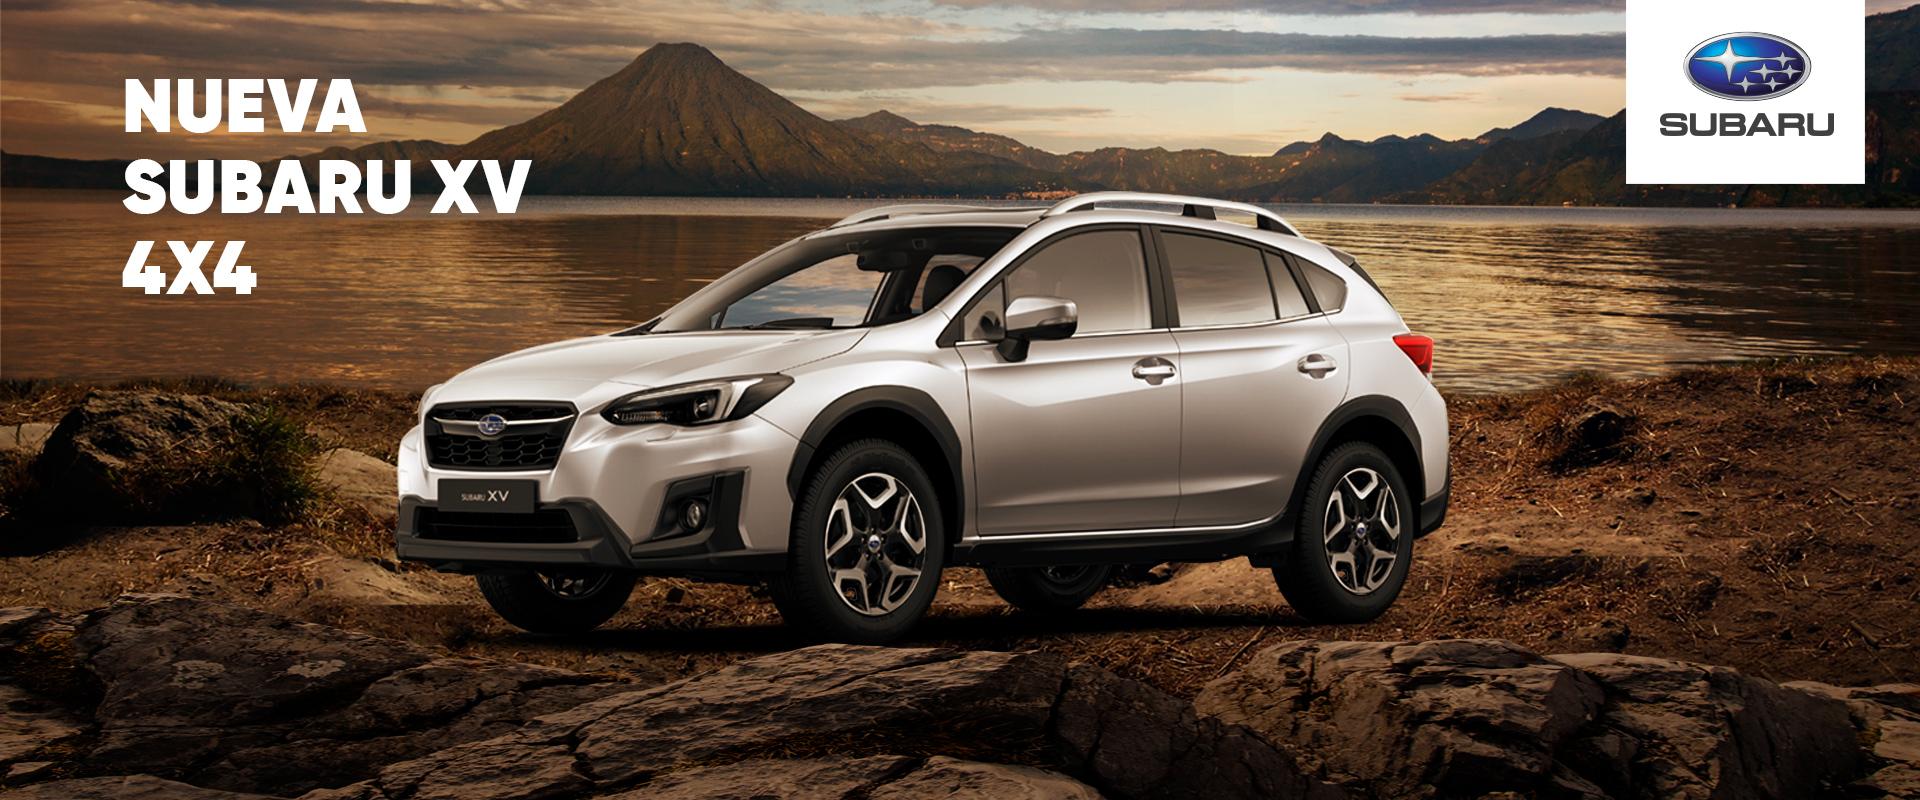 Nueva Subaru XV